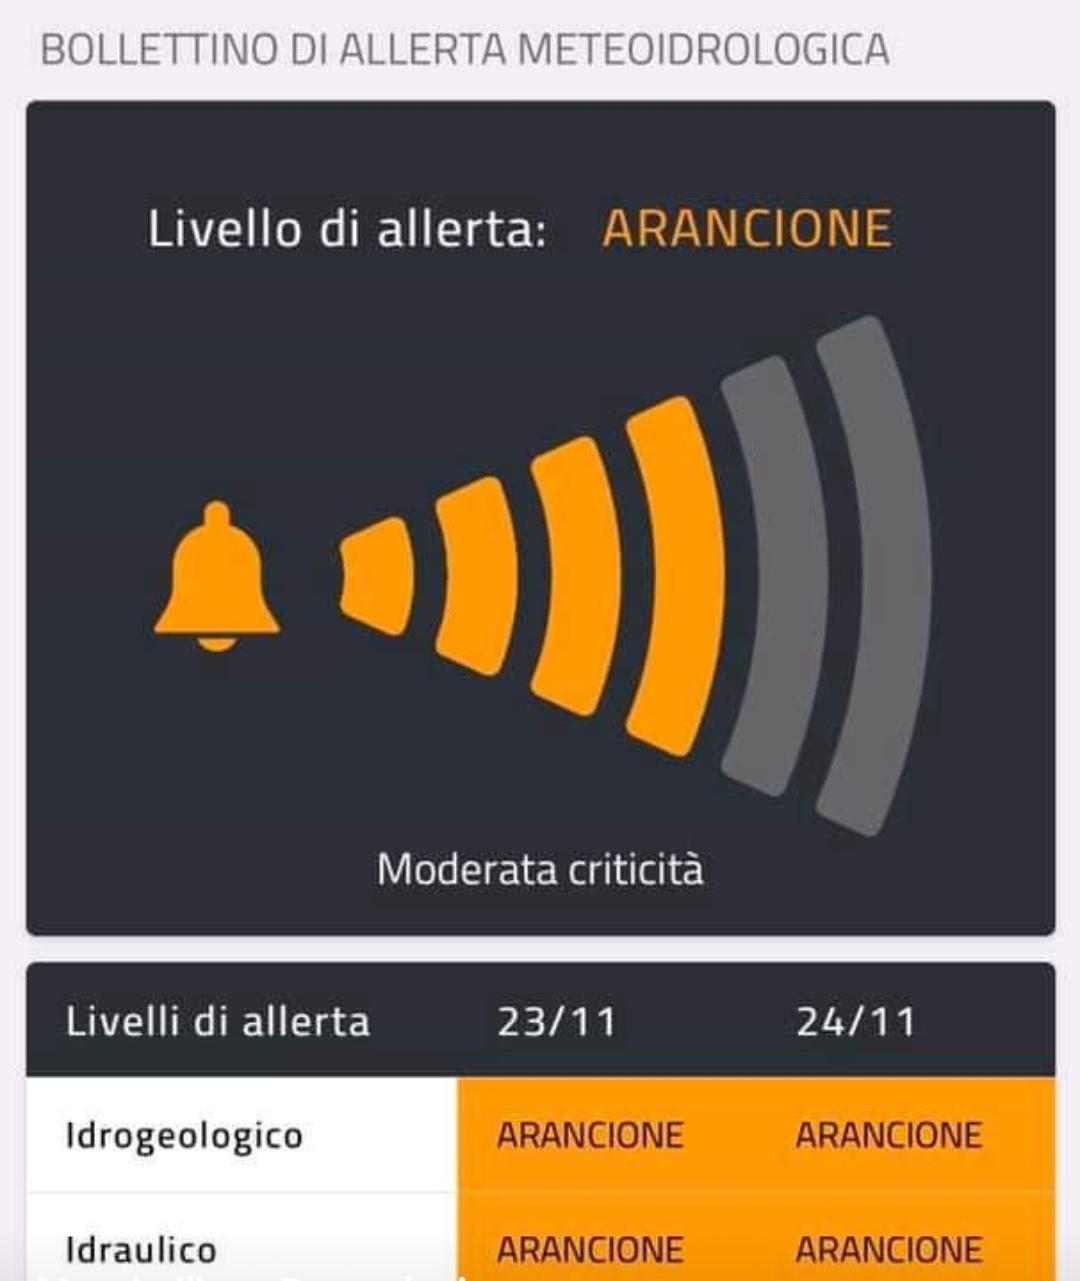 Continua a piovere: allerta arancione anche a Carmagnola